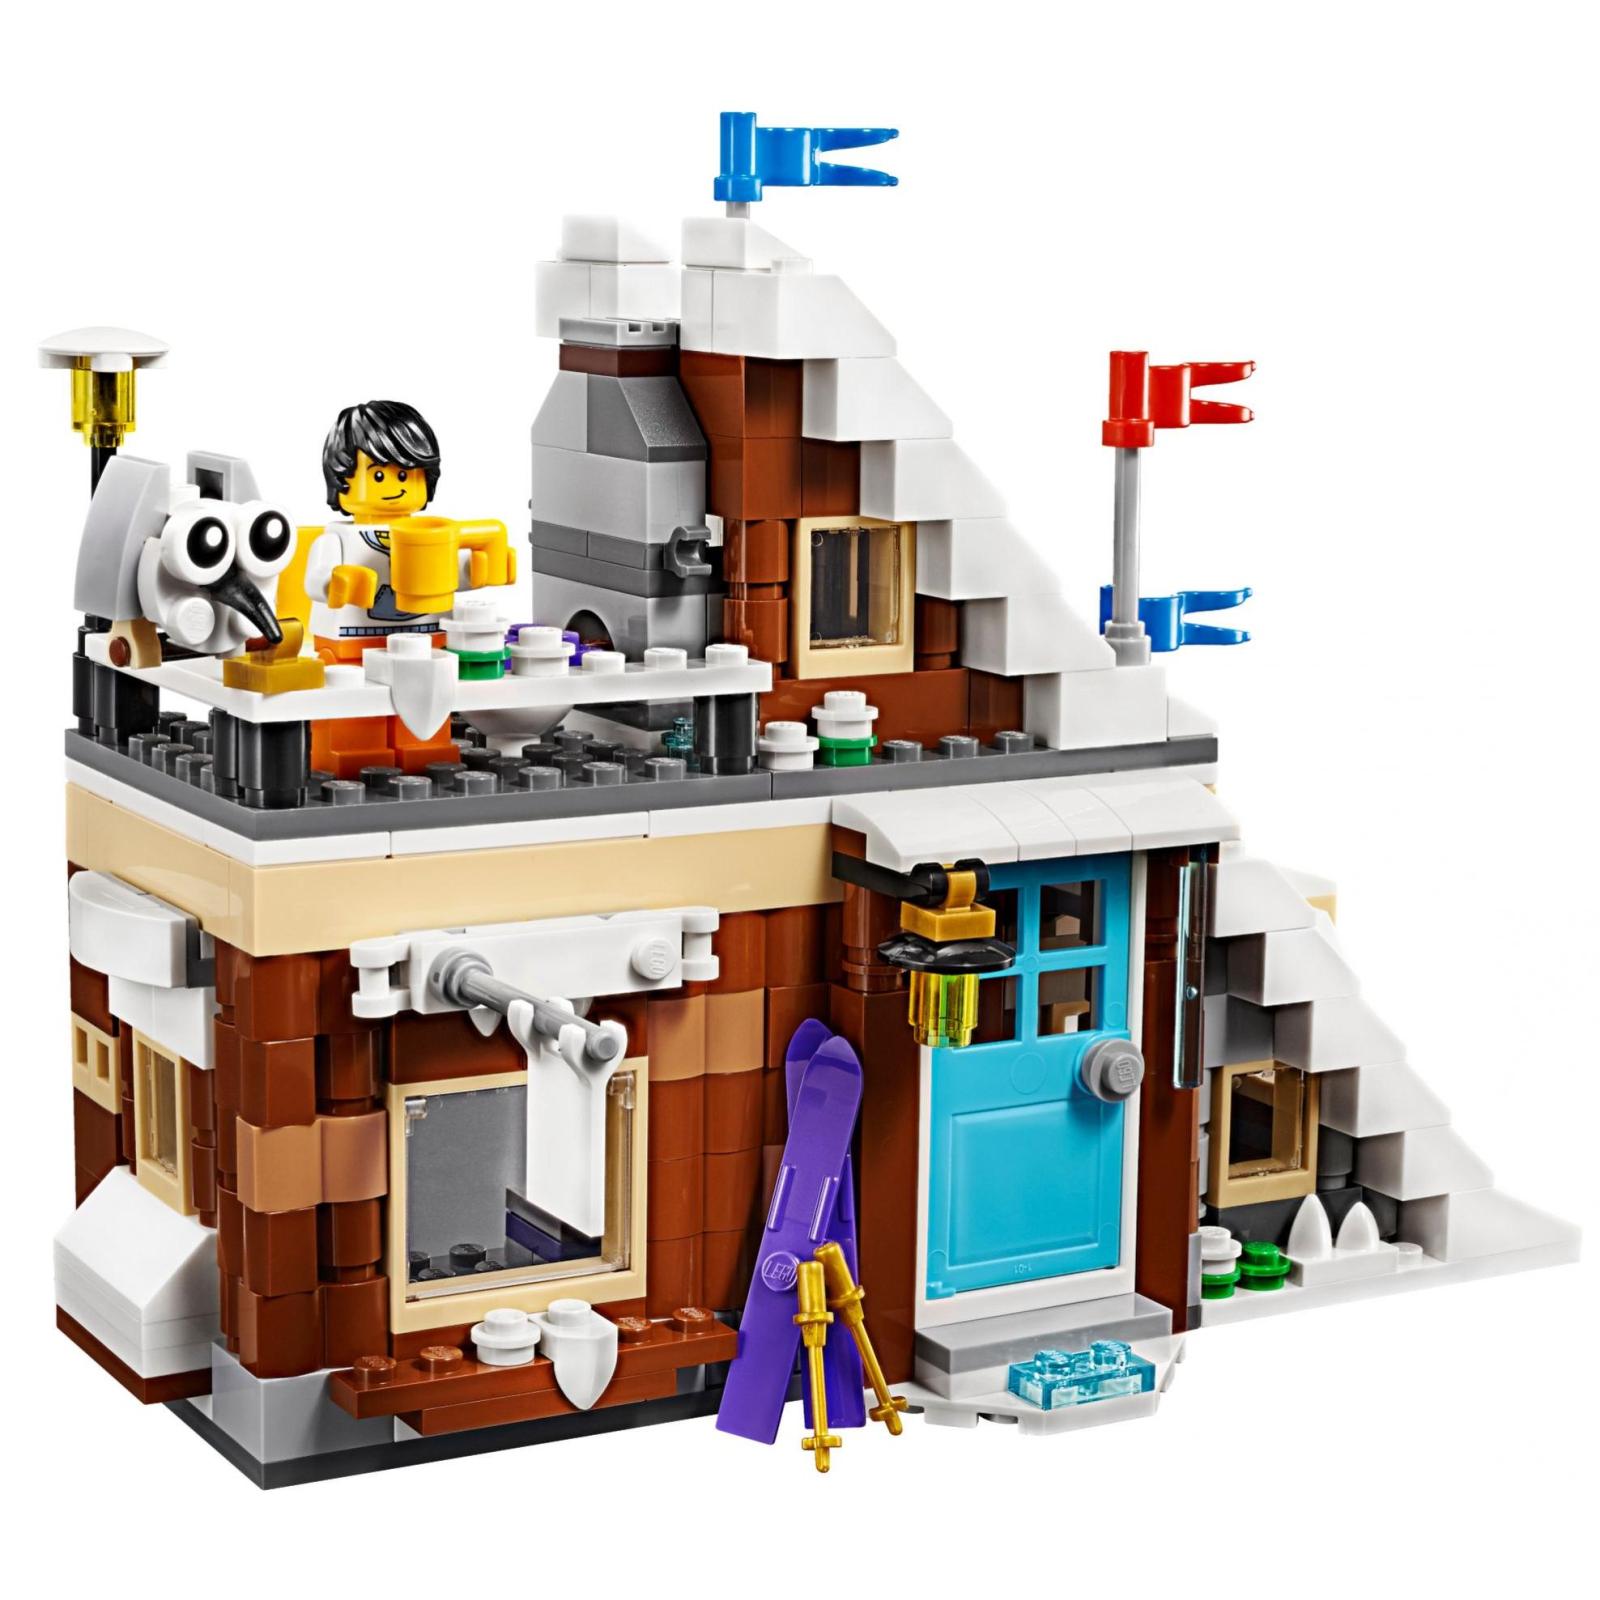 Конструктор LEGO Creator Модульный набор Зимние каникулы (31080) изображение 4